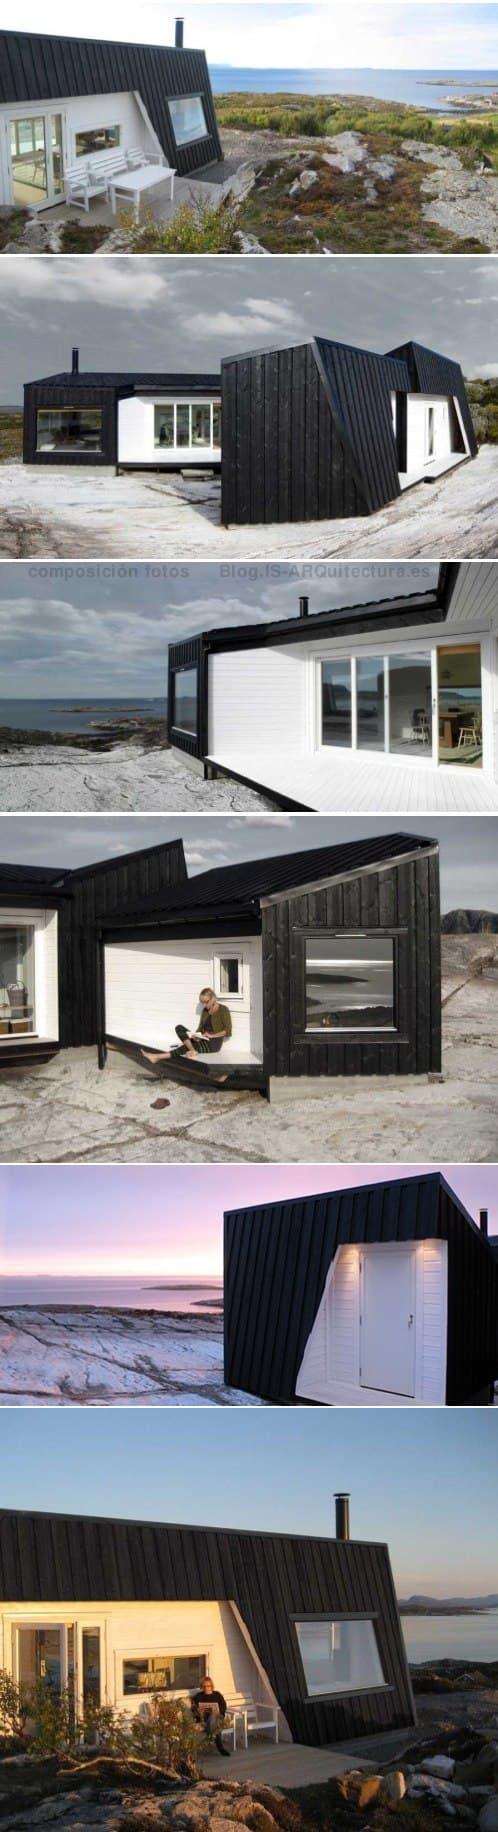 moderna cabaña en la costa Noruega. Fotos exterior